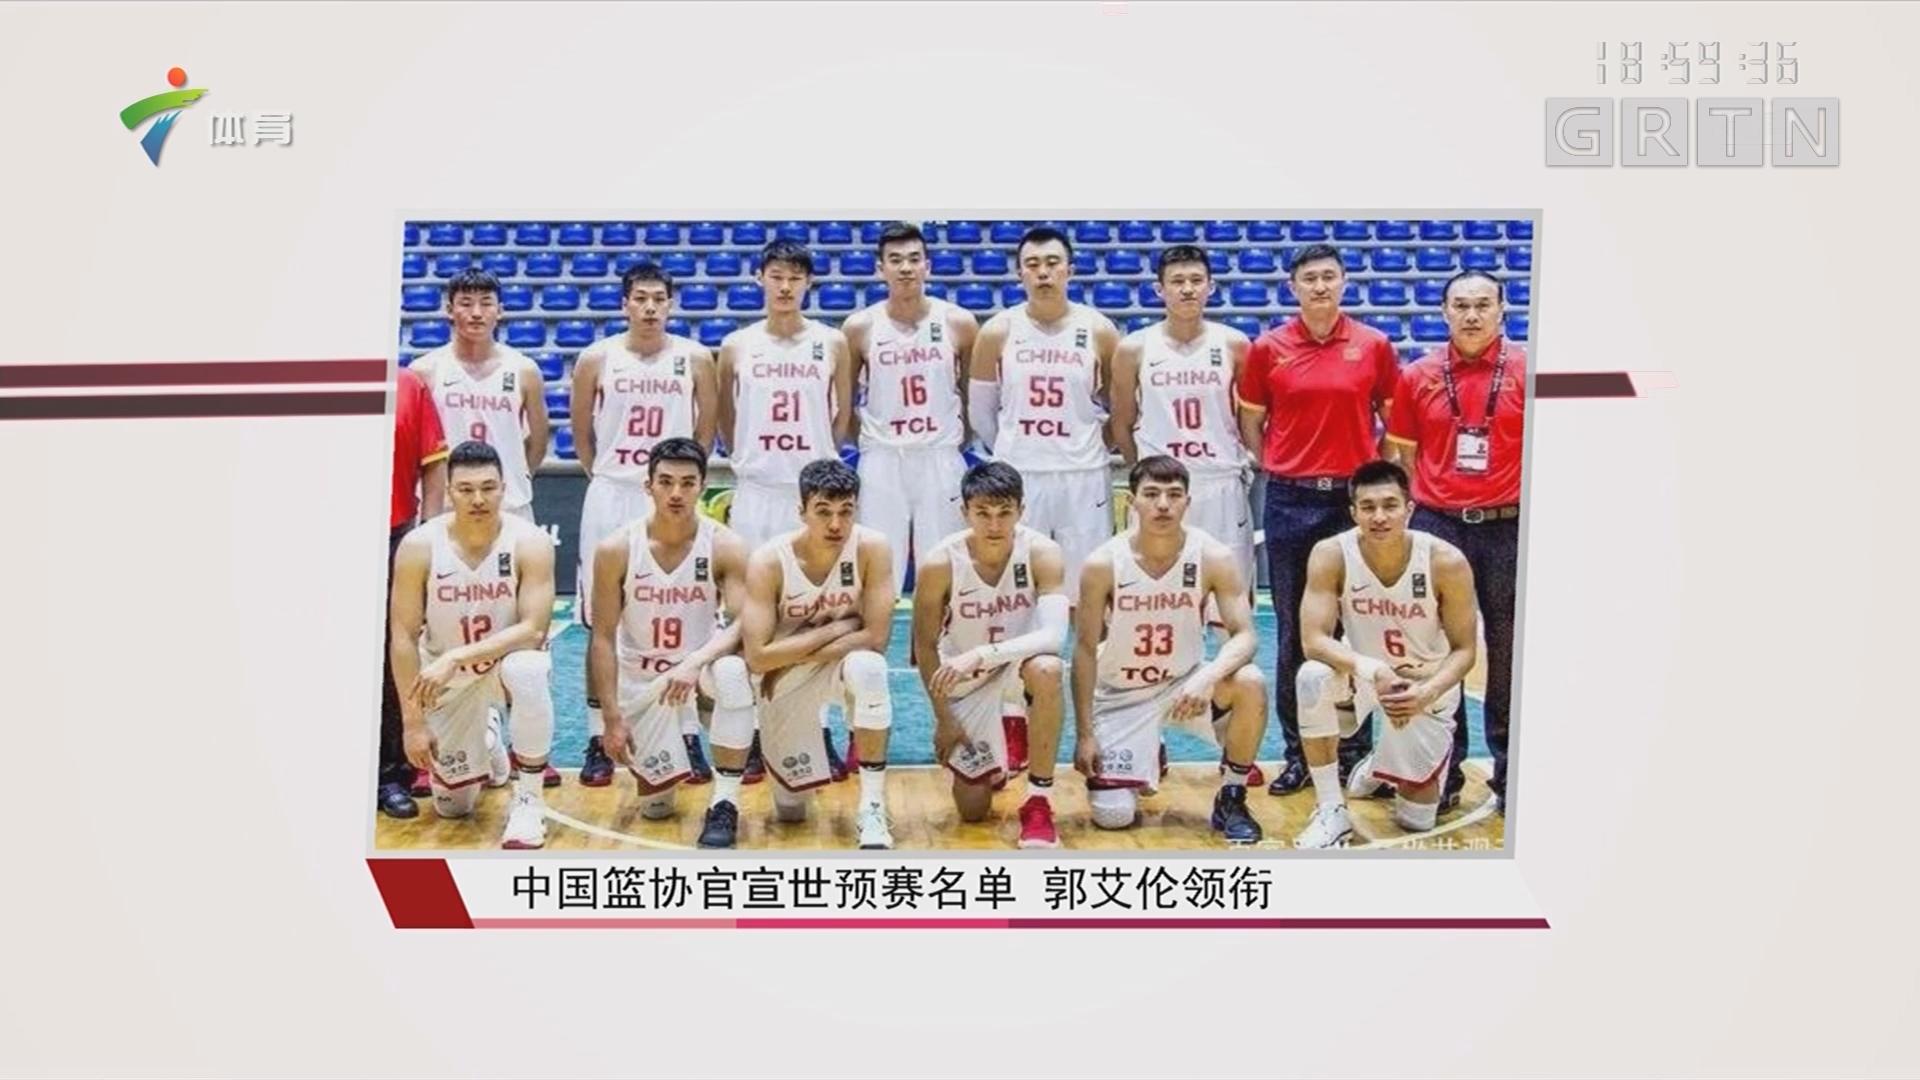 中国篮协官宣世预赛名单 郭艾伦领衔